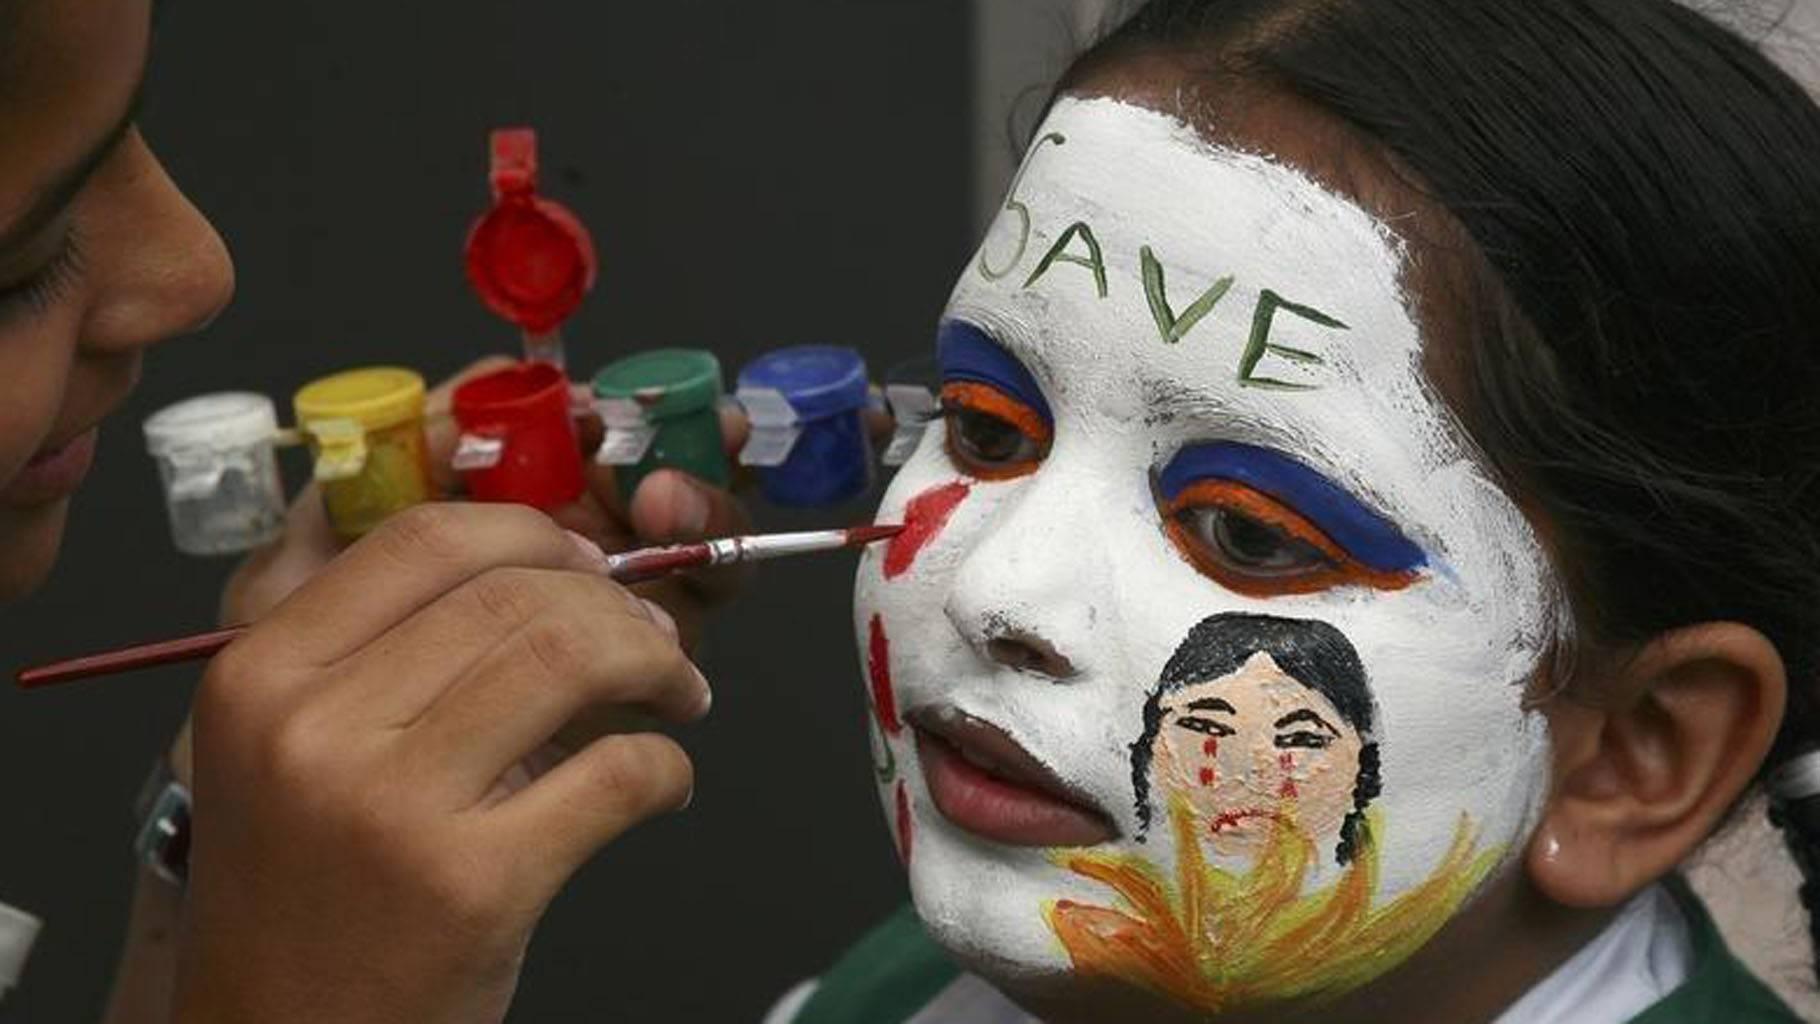 भारत में 4.6 करोड़ लड़कियों का जन्म से पहले लापता होना कन्या भ्रूण हत्या का साफ संकेत